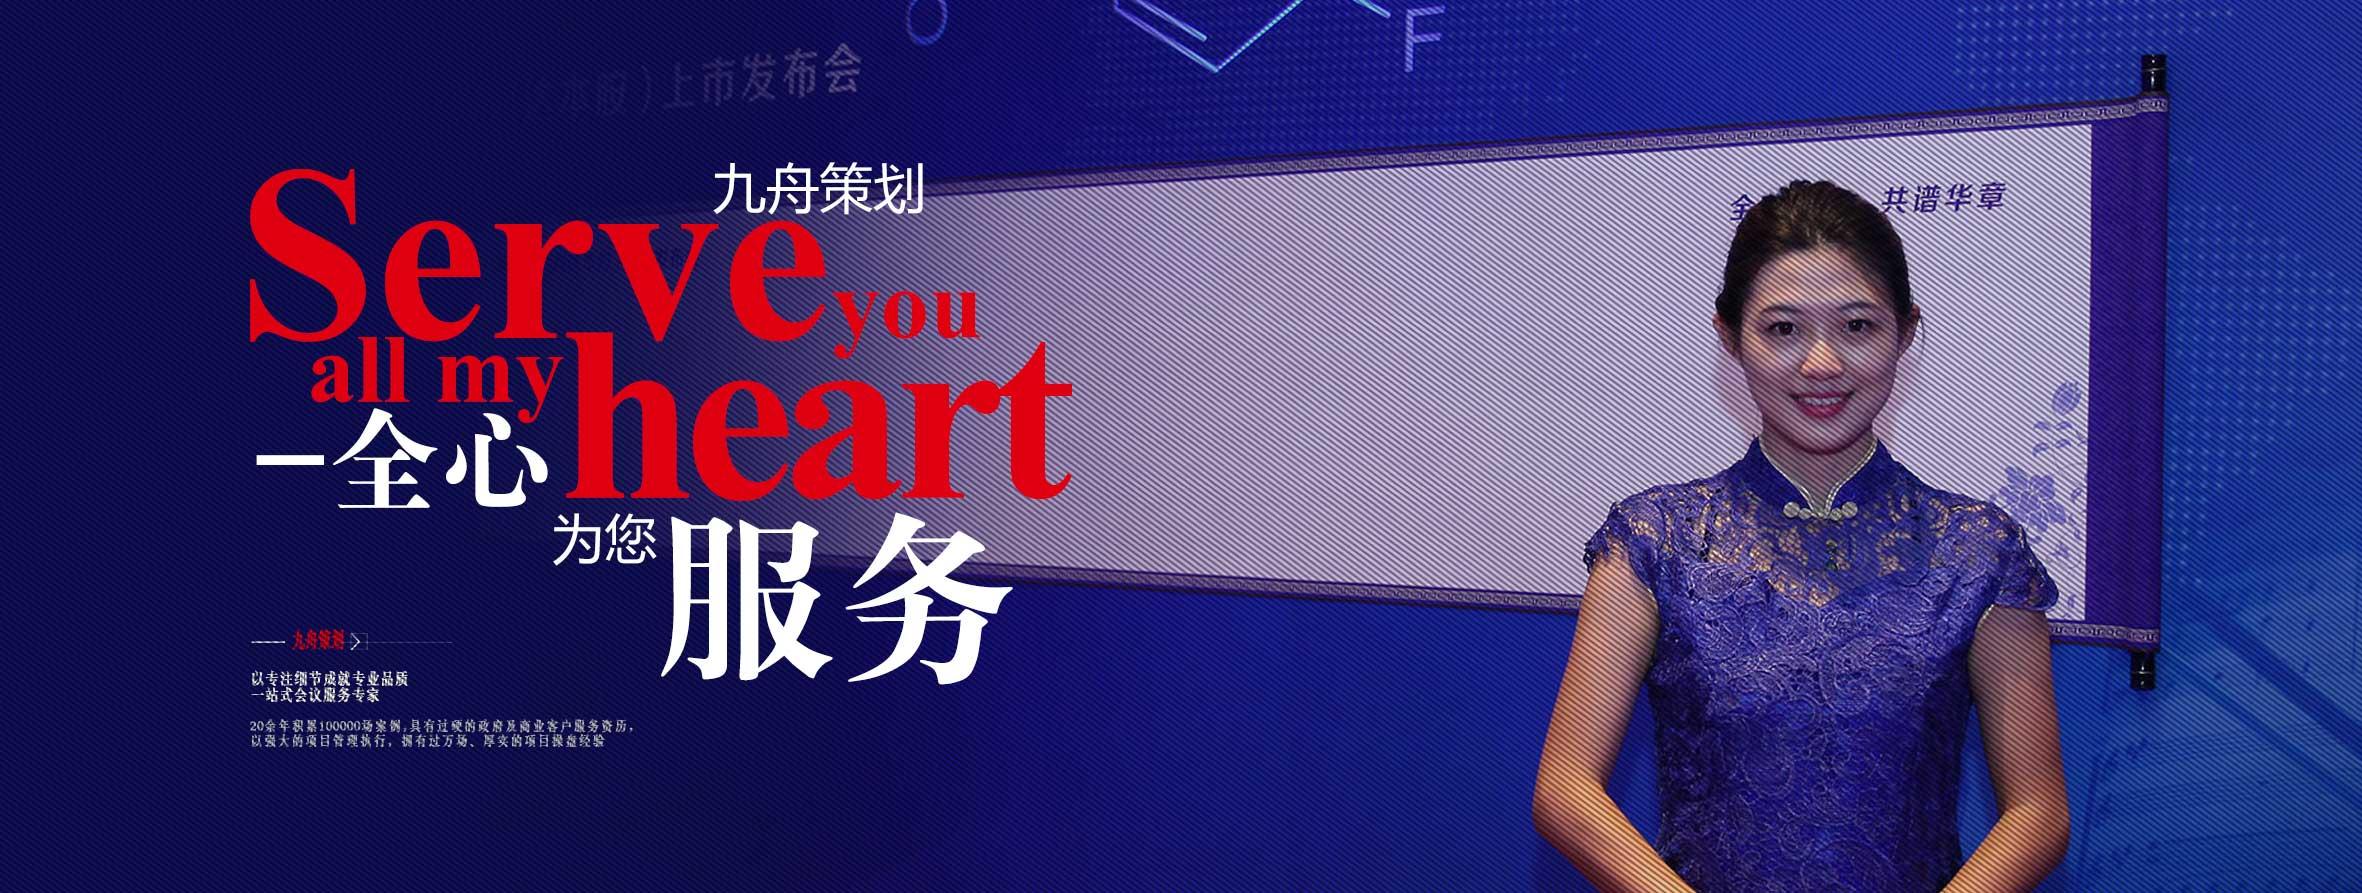 活动千亿国际娱乐官方网站banner2